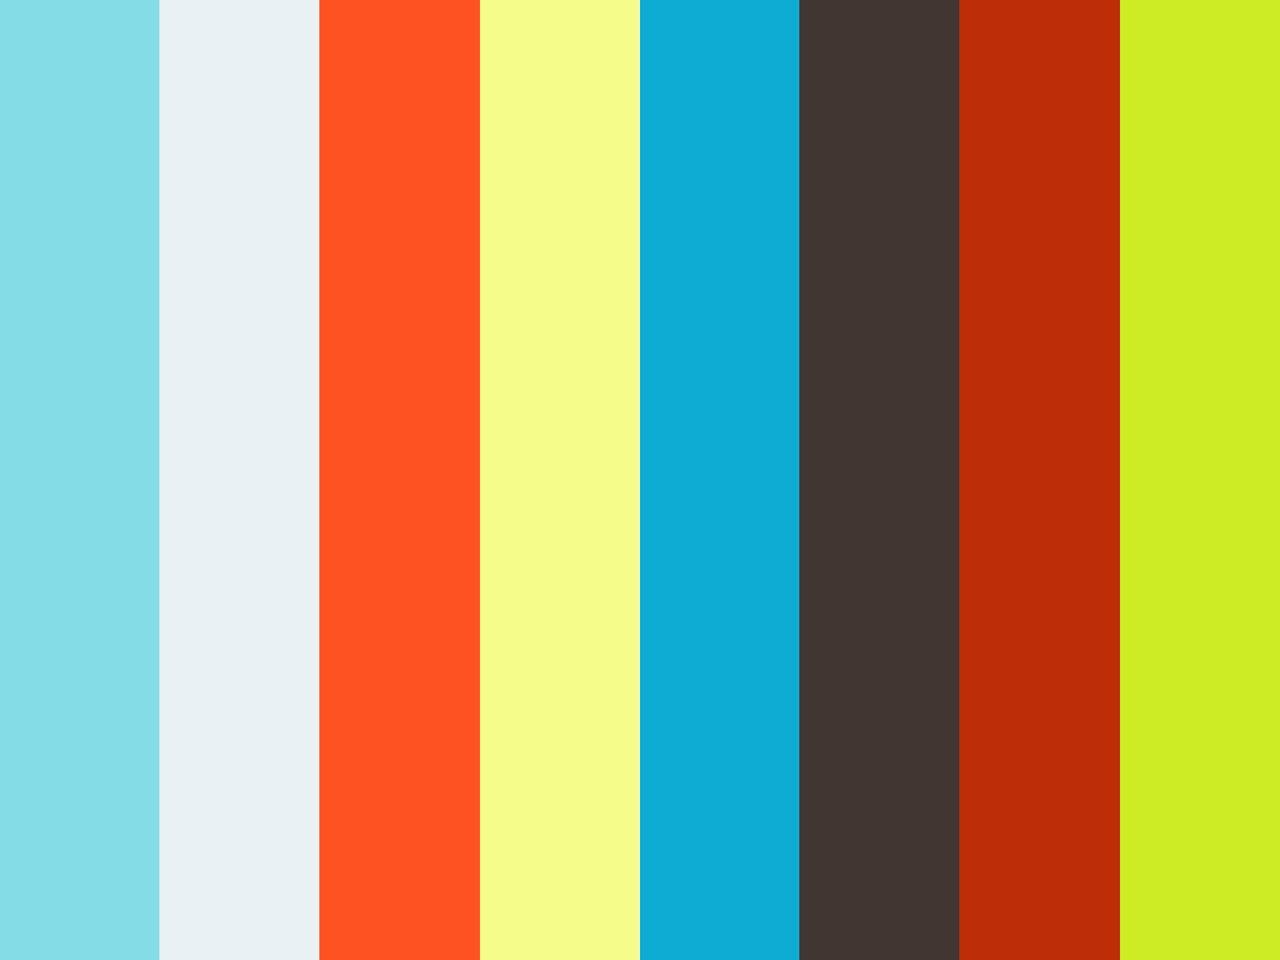 MBCL Designers | We Design